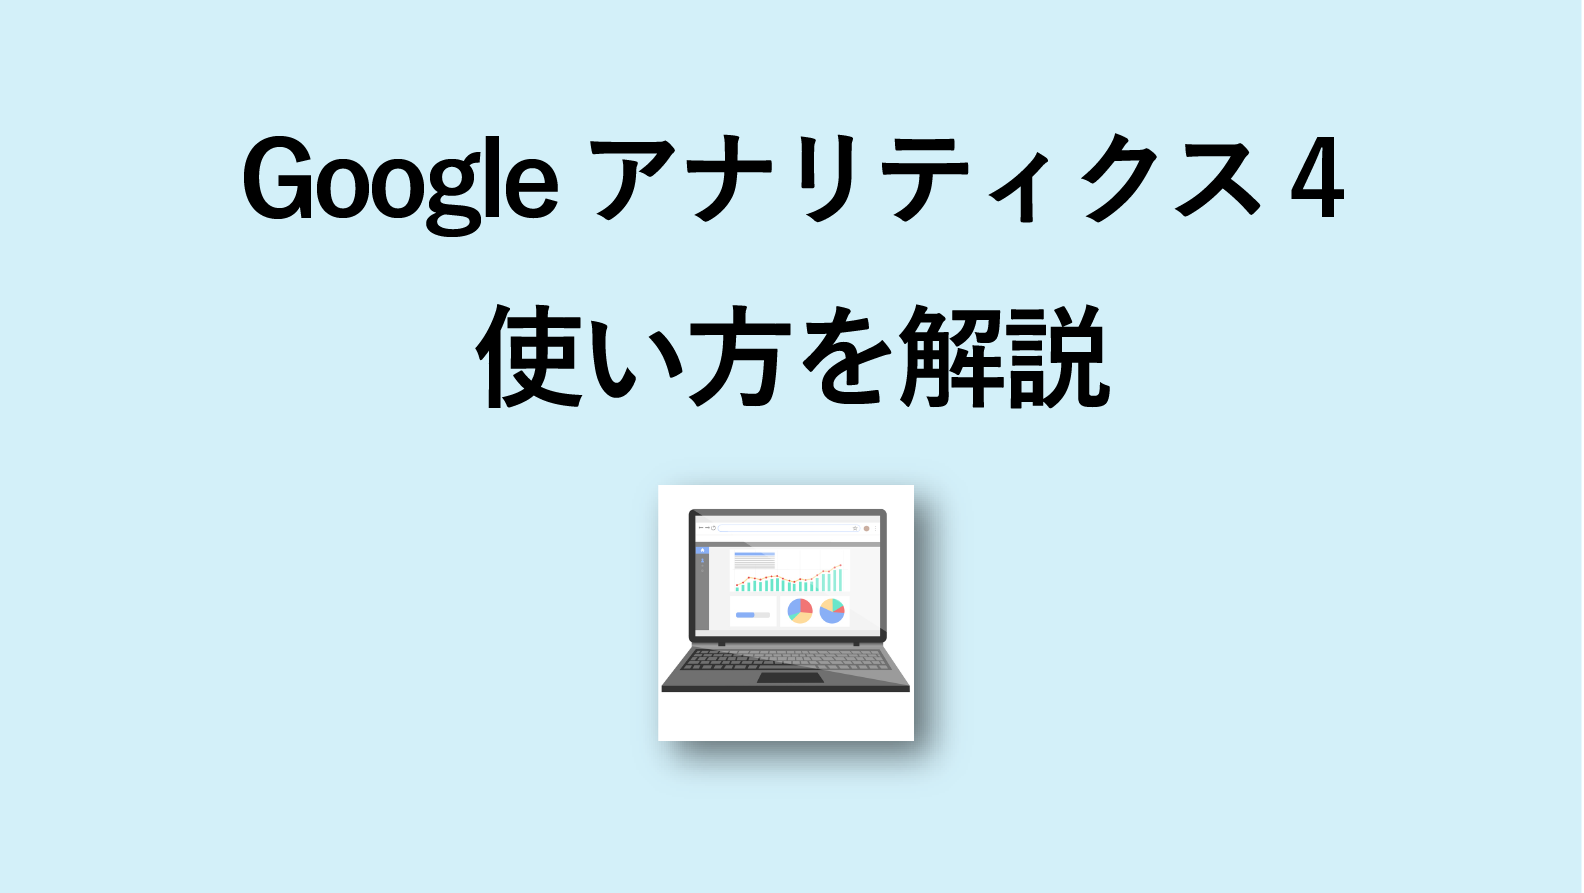 【入門編】Google アナリティクス 4(GA4)の使い方について解説